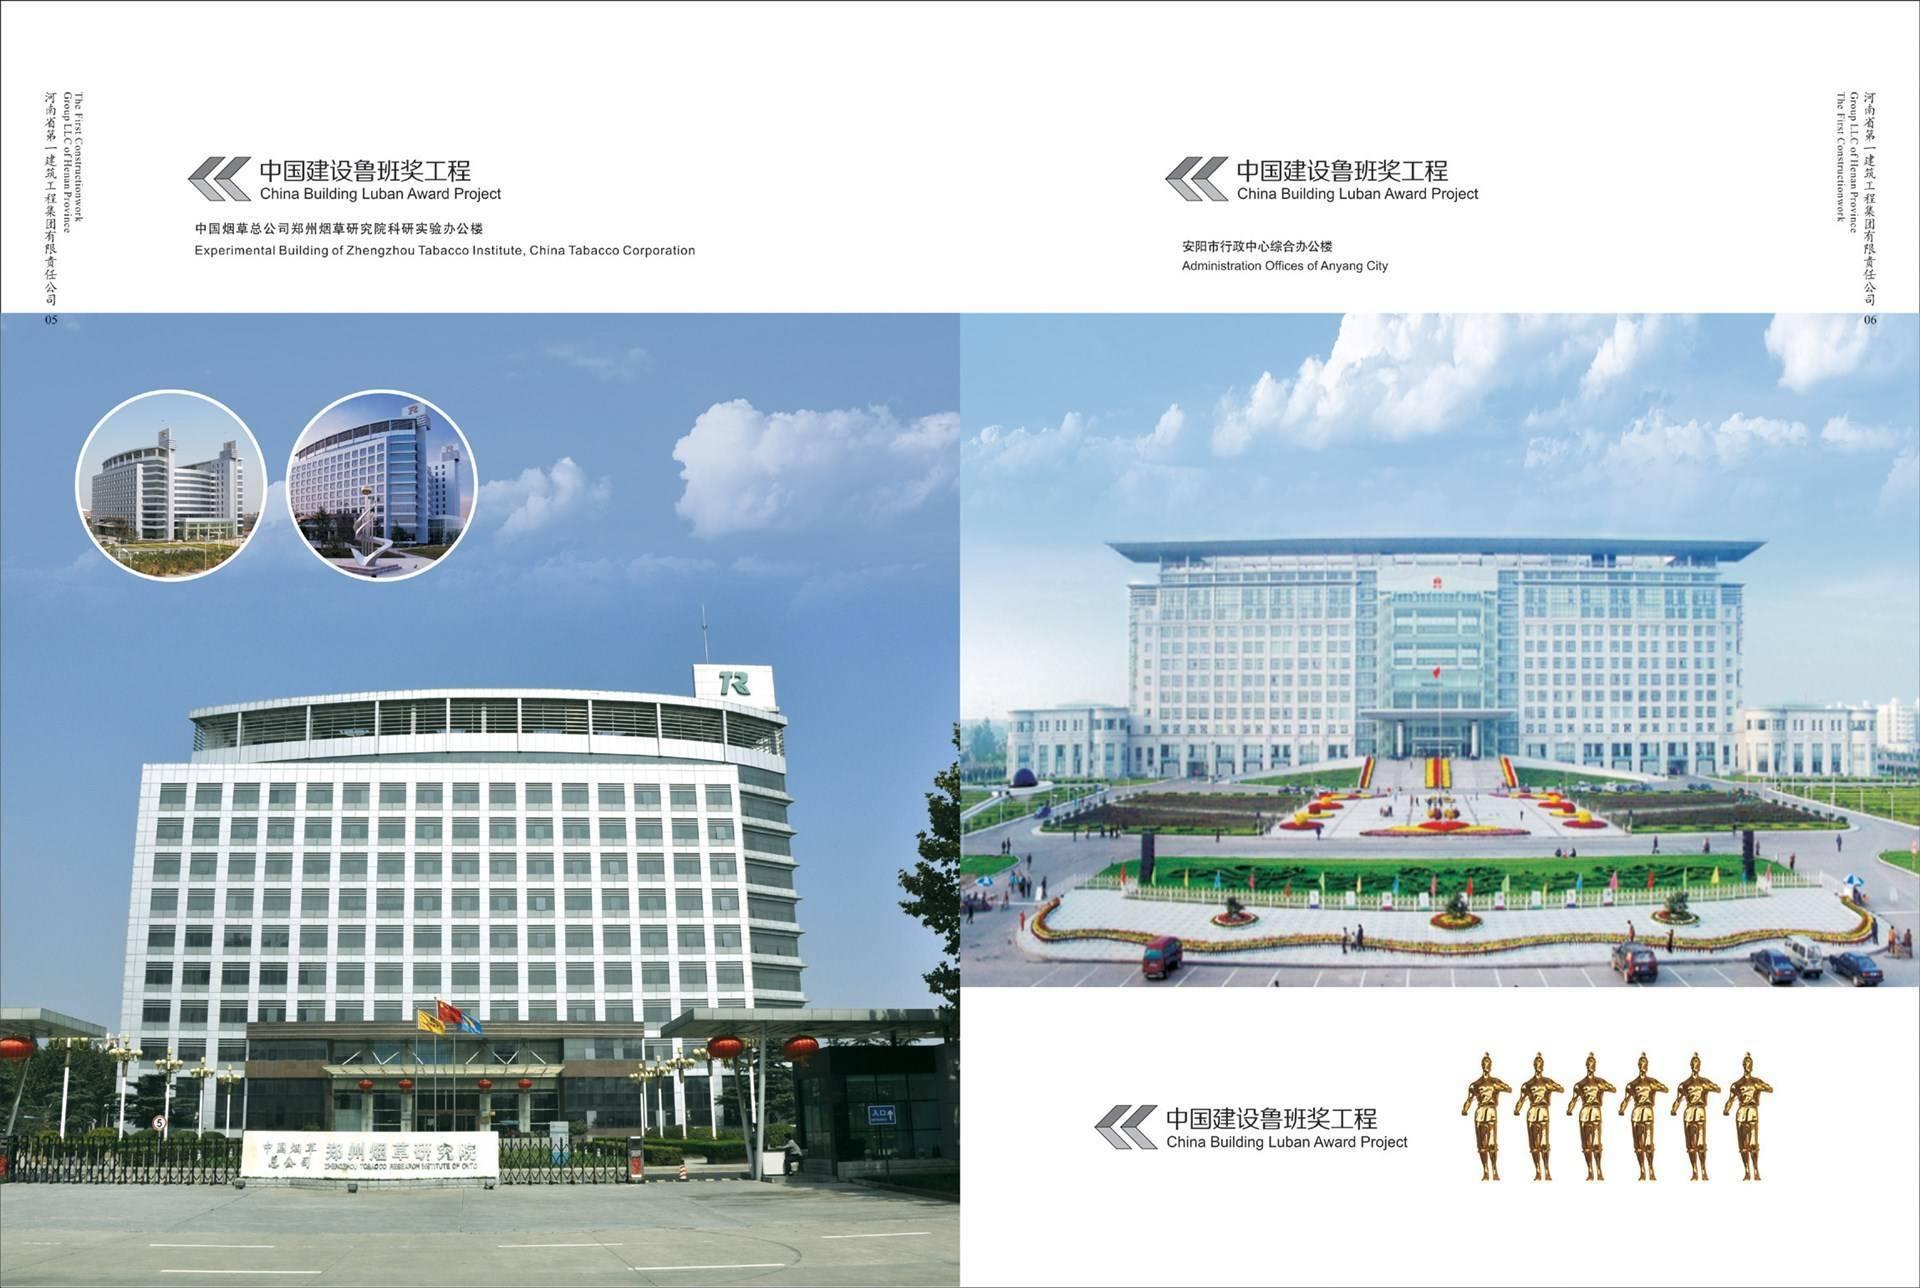 中国建设鲁班奖